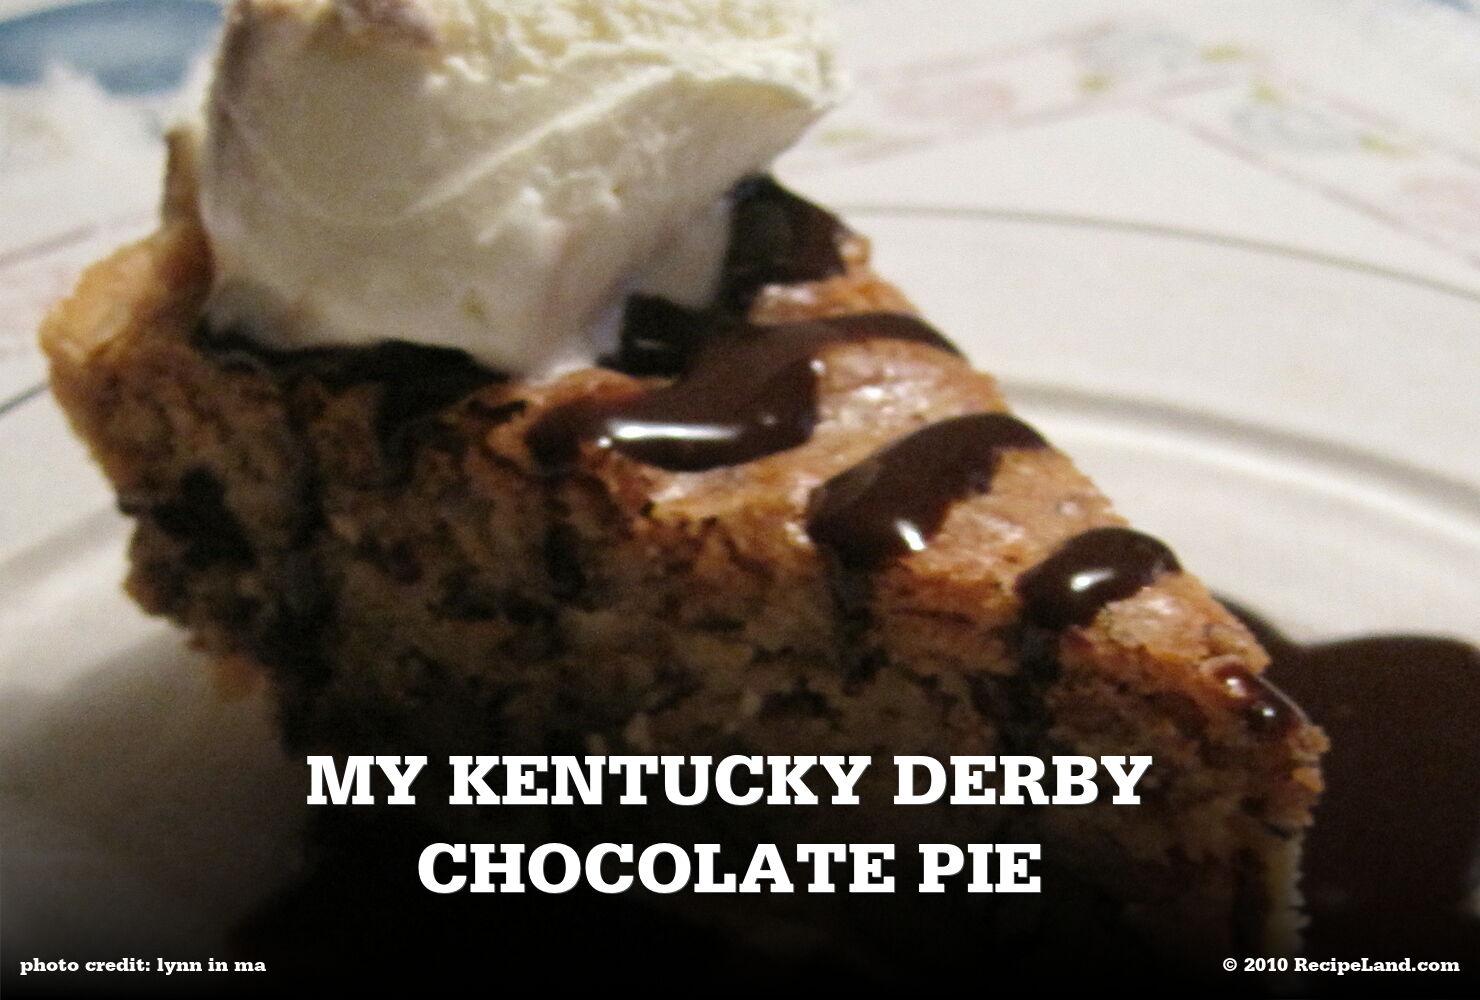 My Kentucky Derby Chocolate Pie